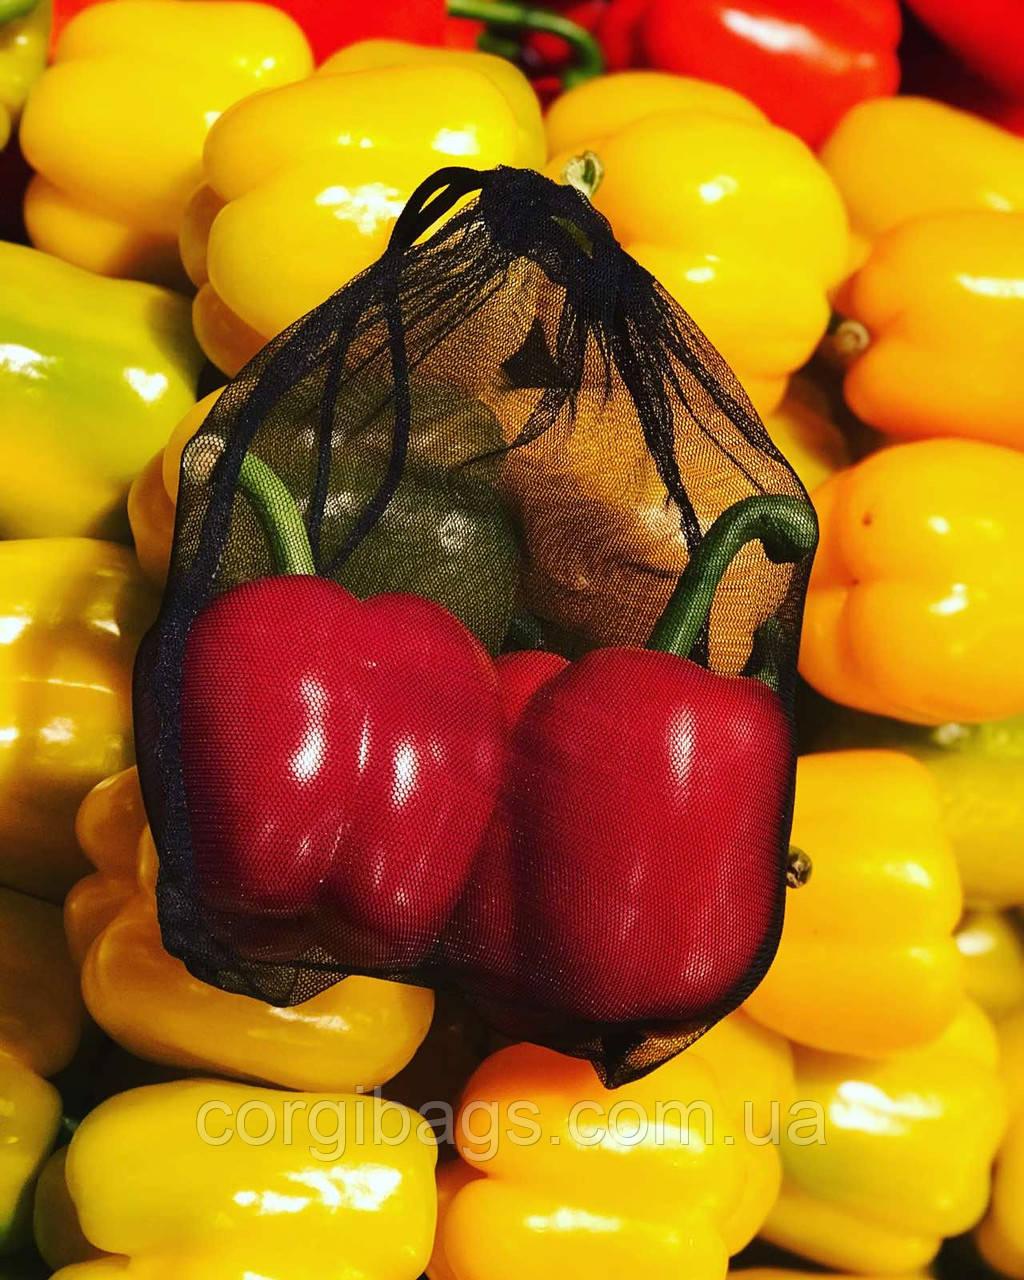 Многоразовые экомешочки для овощей и фруктов, сетчатые мешочки, торбочки для продуктов, упаковка, чёрные, р.S